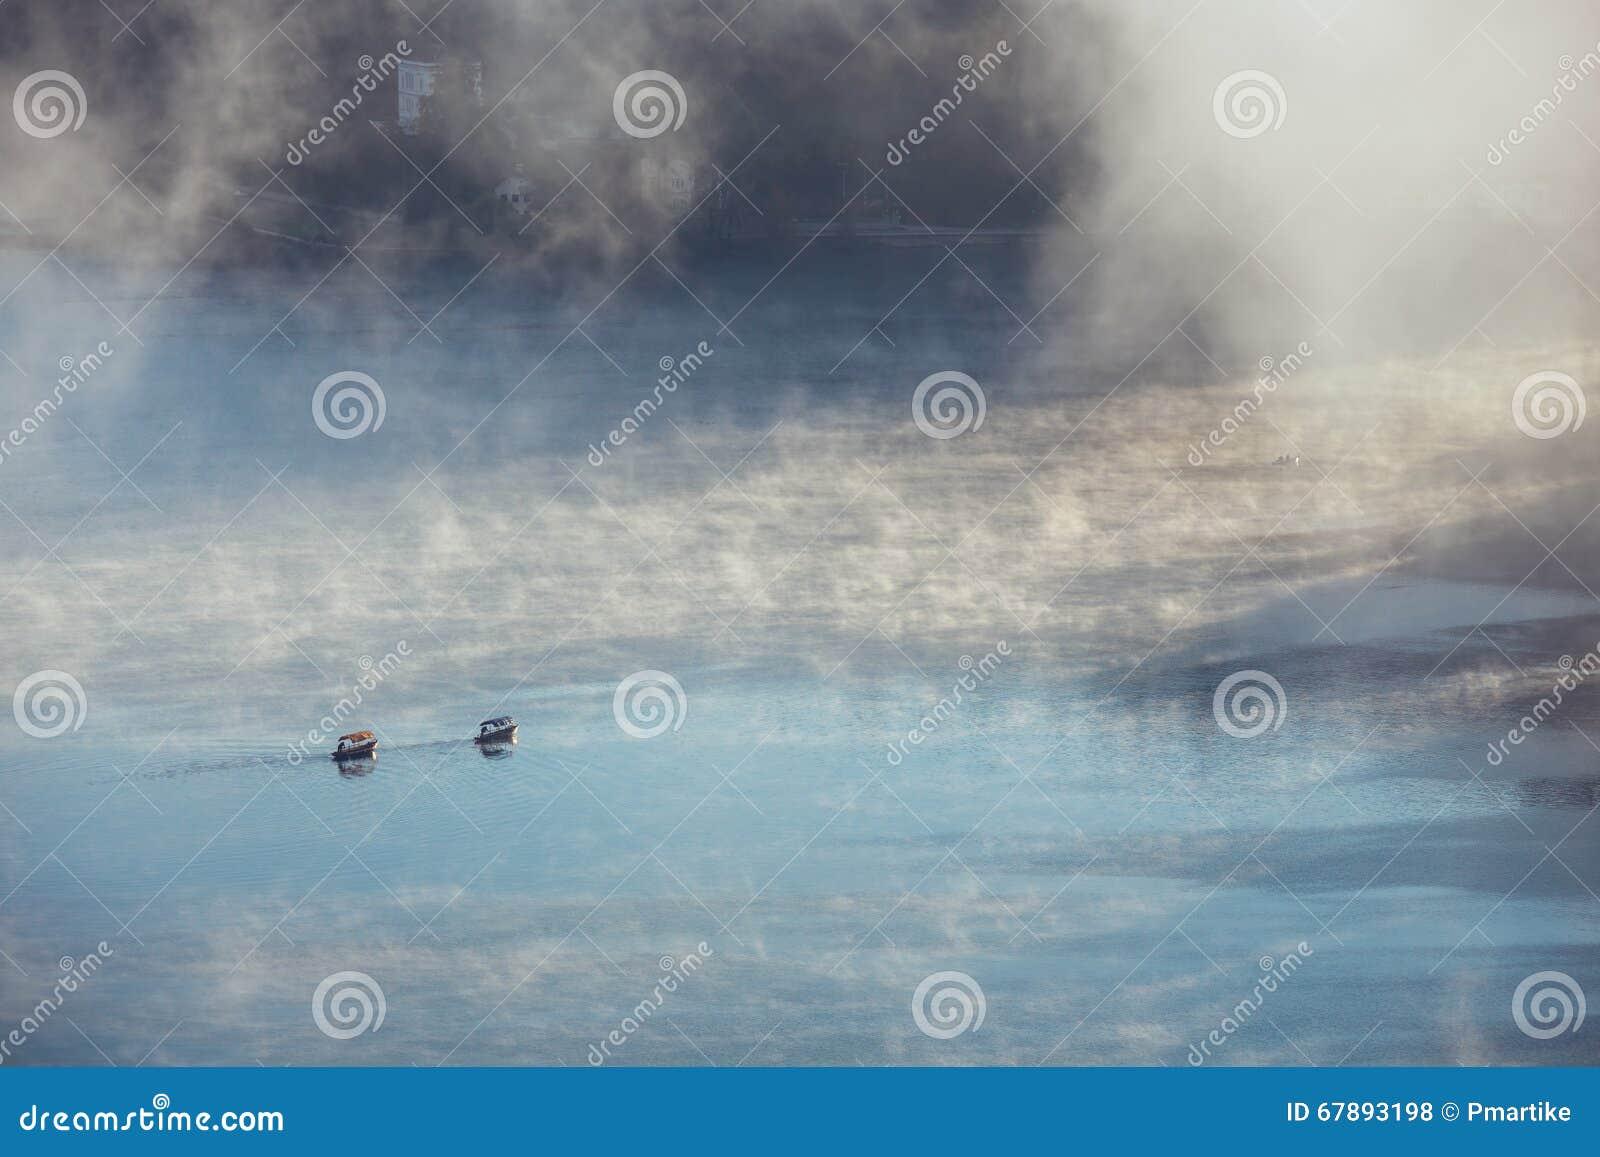 Tge传统木小船Pletna激动人心的景色在湖的流血